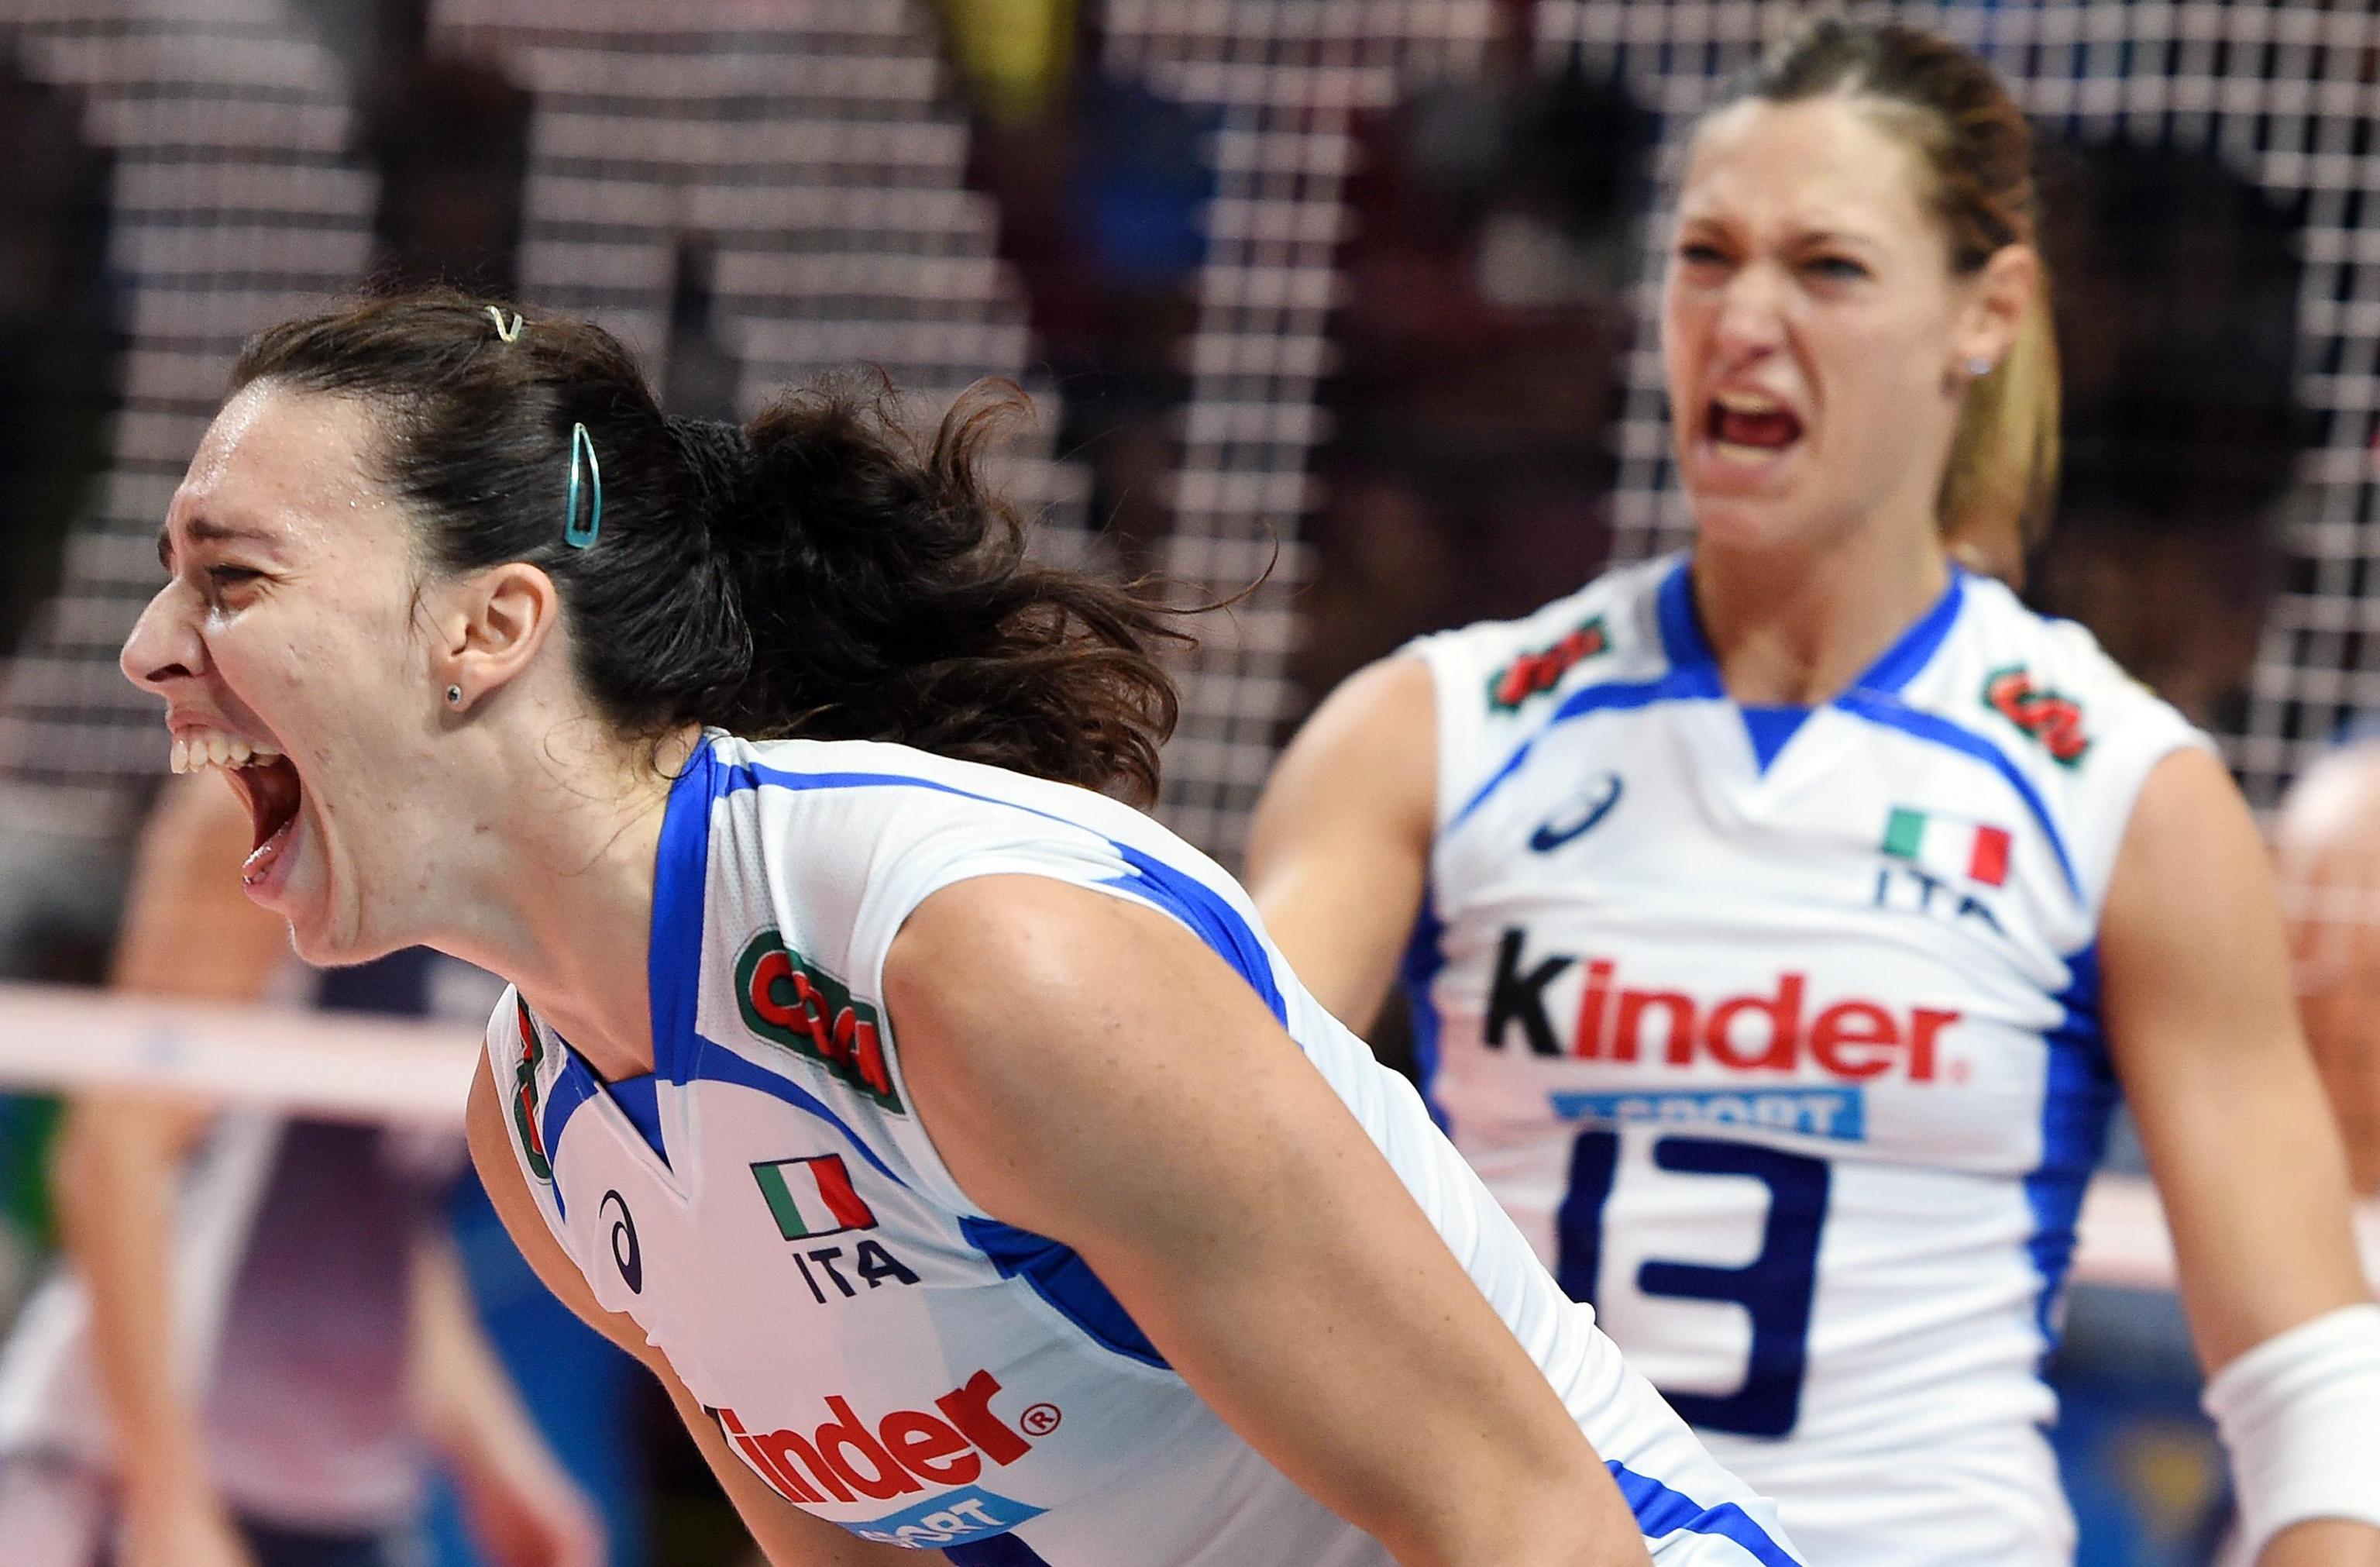 Pallavolo_Mondiali_Italia_Usa_02